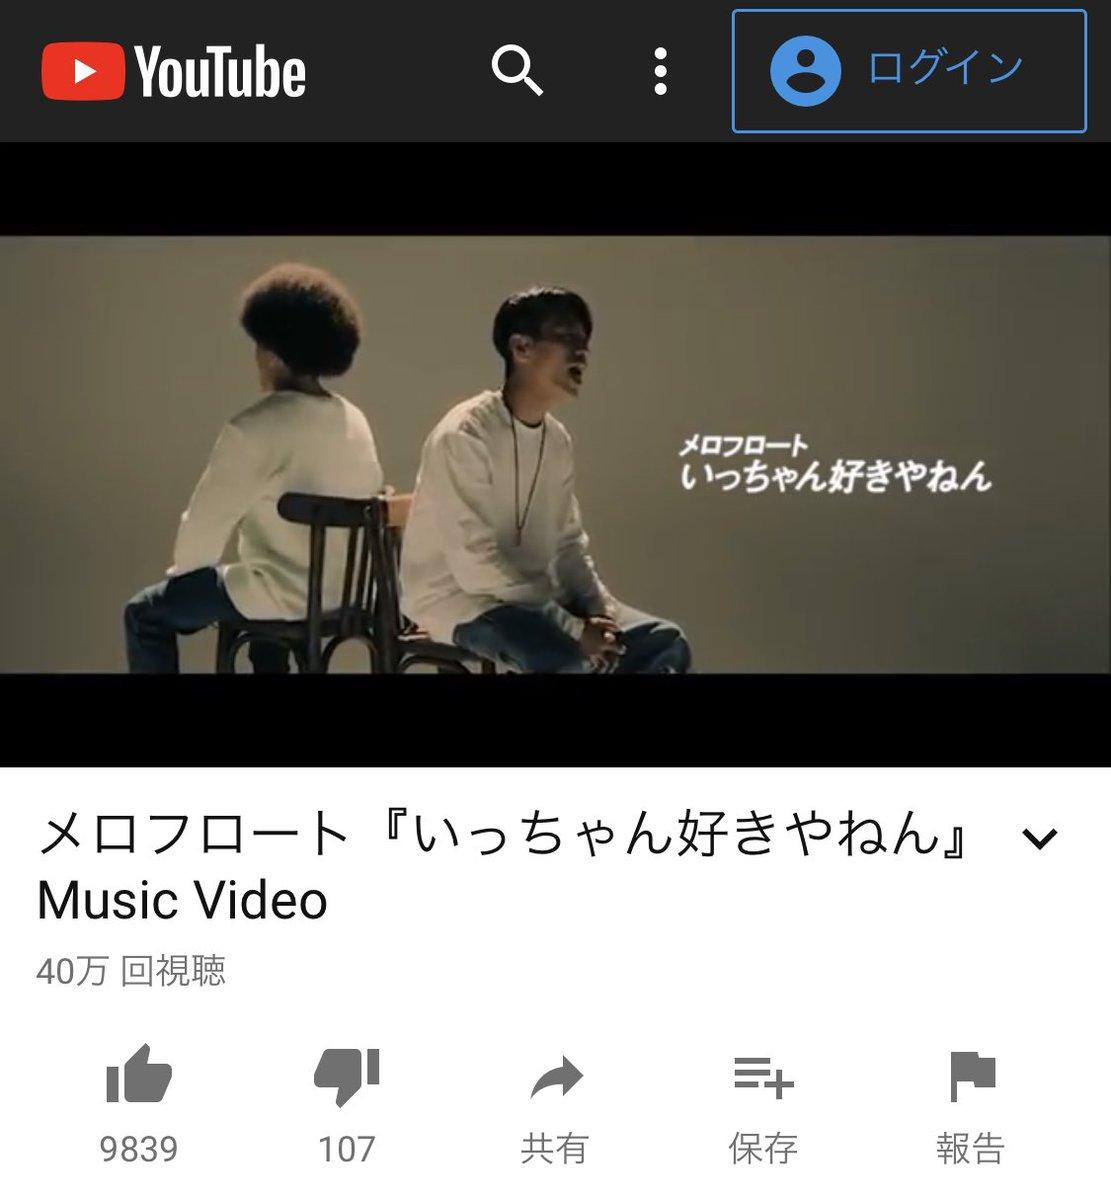 遂にYouTube再生数40万回突破!この曲なら知ってるって人が増えてんのも、皆が #TikTok キッカケに拡散してくれたり、俺らのCDを代わりにプレゼントしてくれたり、おすすめしてくれてるおかげ。ありがとう😋目指せ年内50万回再生!!いいね も1万見てみたいな〜MV(